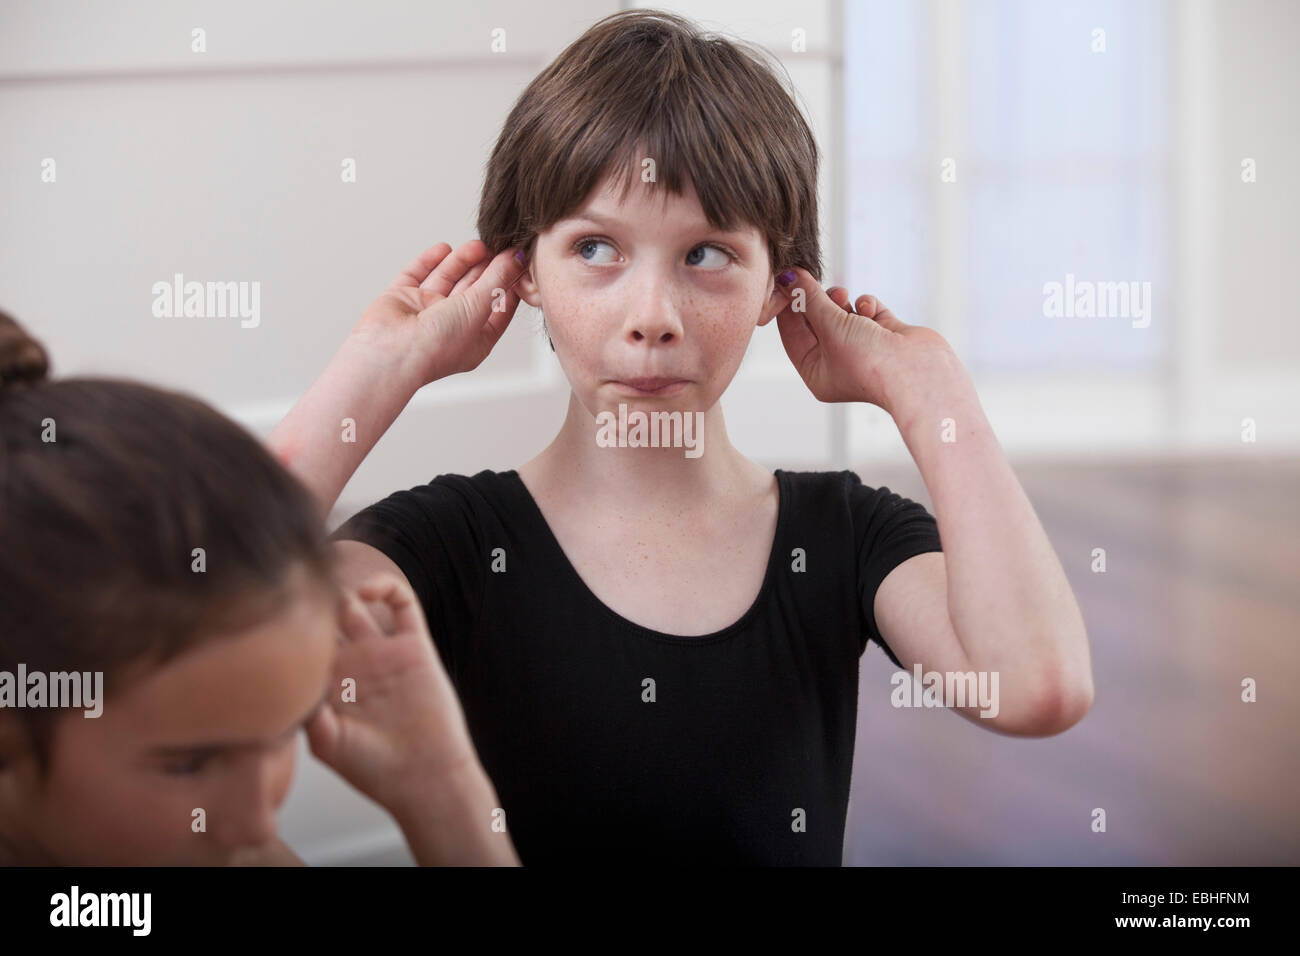 Ragazza con le orecchie di contenimento tirando un volto nella scuola di danza Immagini Stock